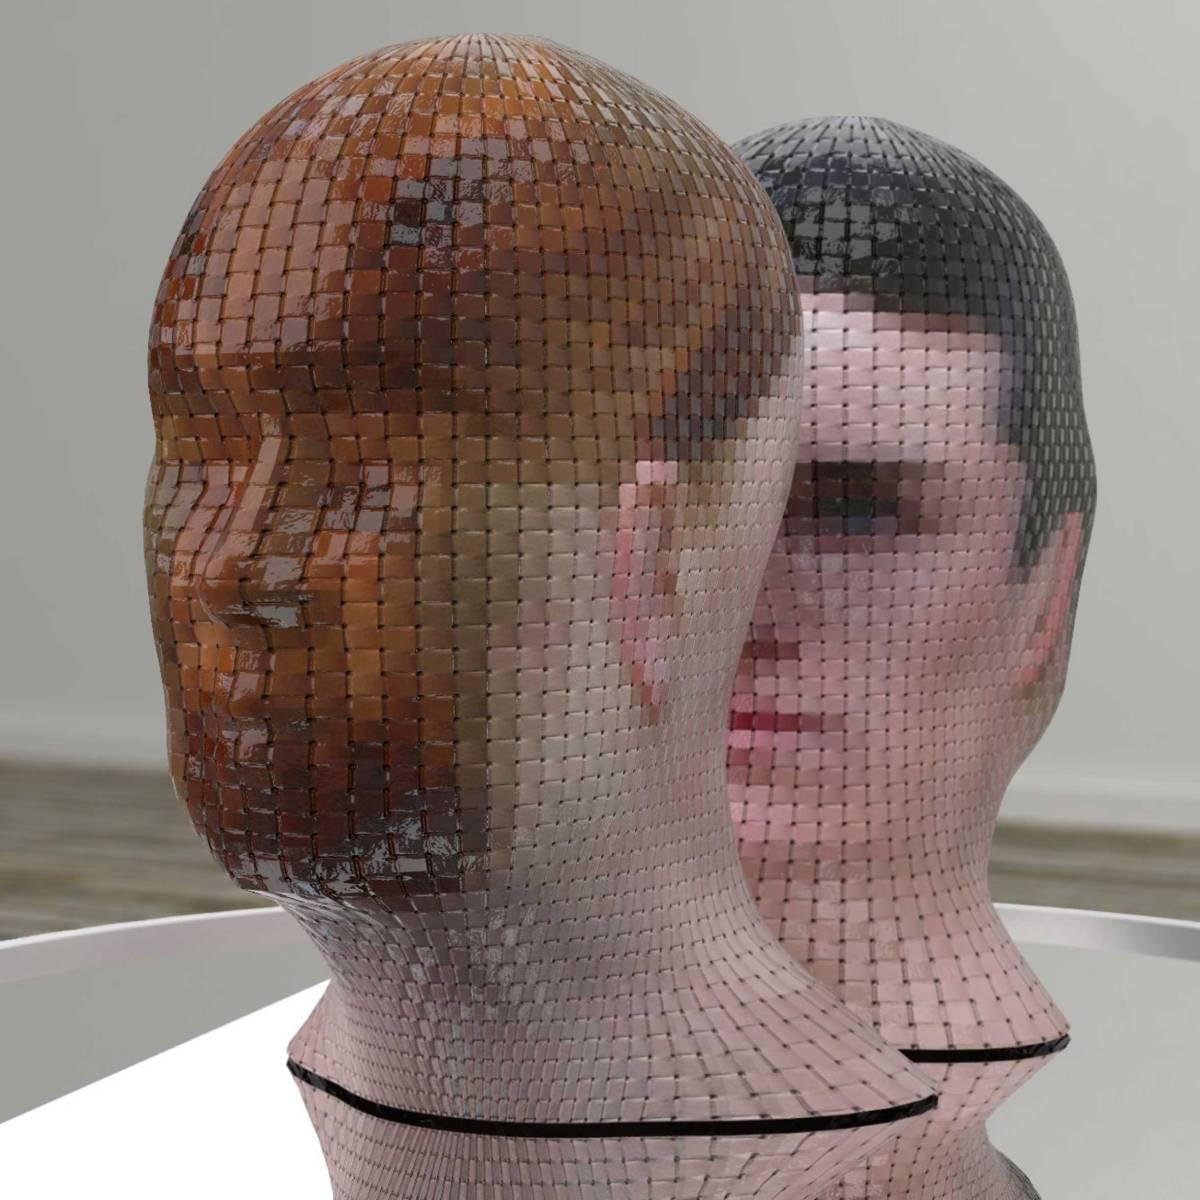 《肖像360》意大利艺术家 gianluca traina 的扭曲